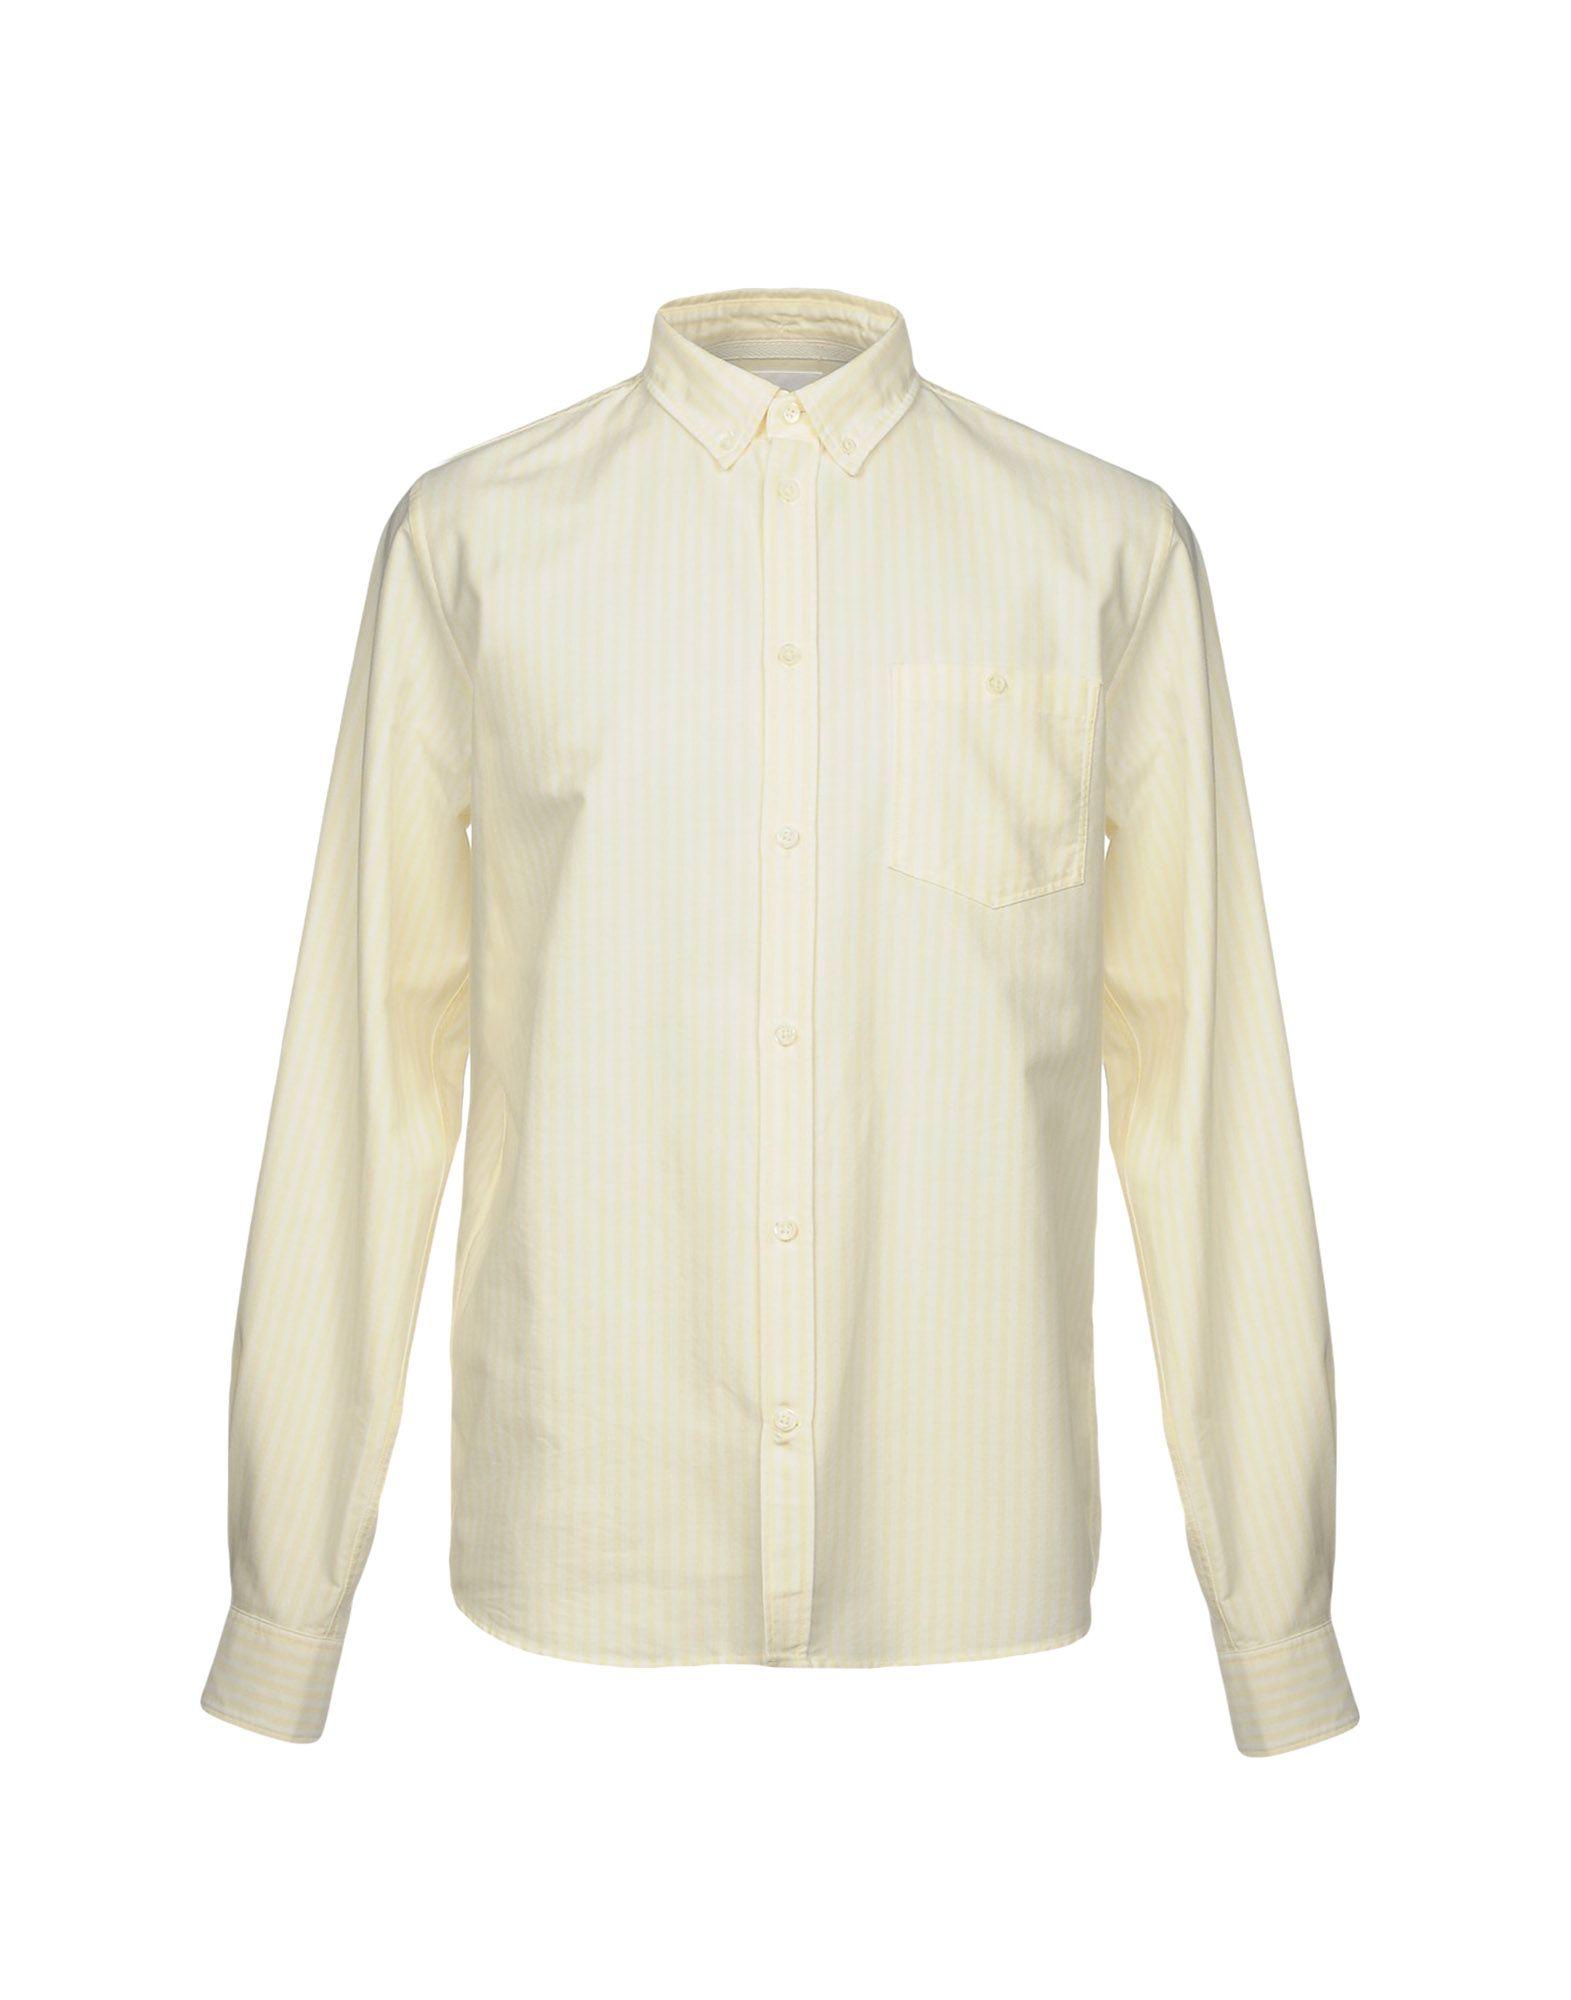 где купить NORSE PROJECTS Pубашка по лучшей цене